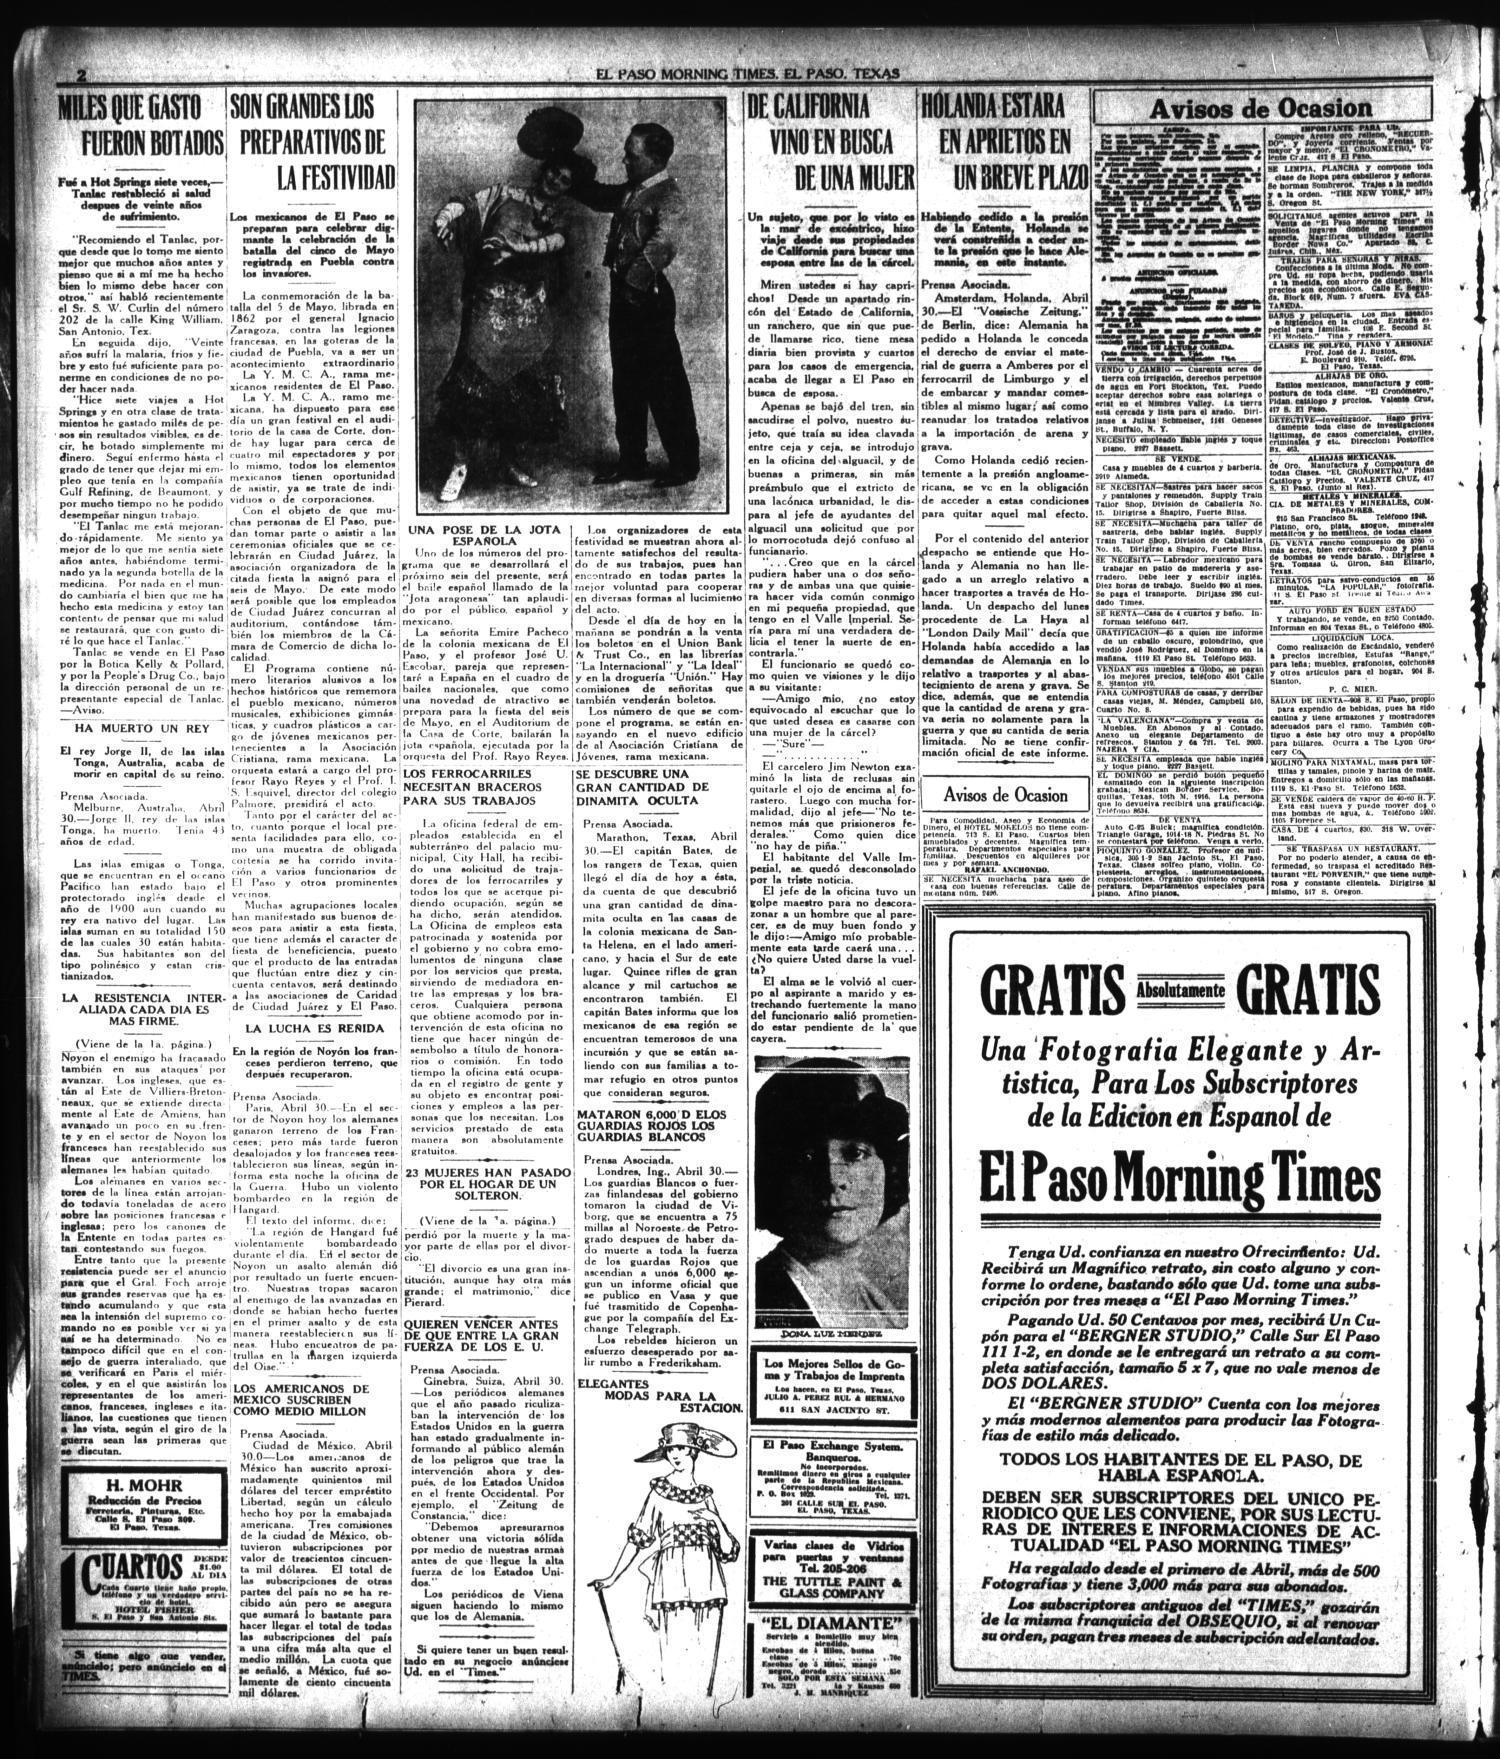 El Paso Morning Times El Paso Tex Vol 38th Year Ed 1  # Muebles Rial Asados